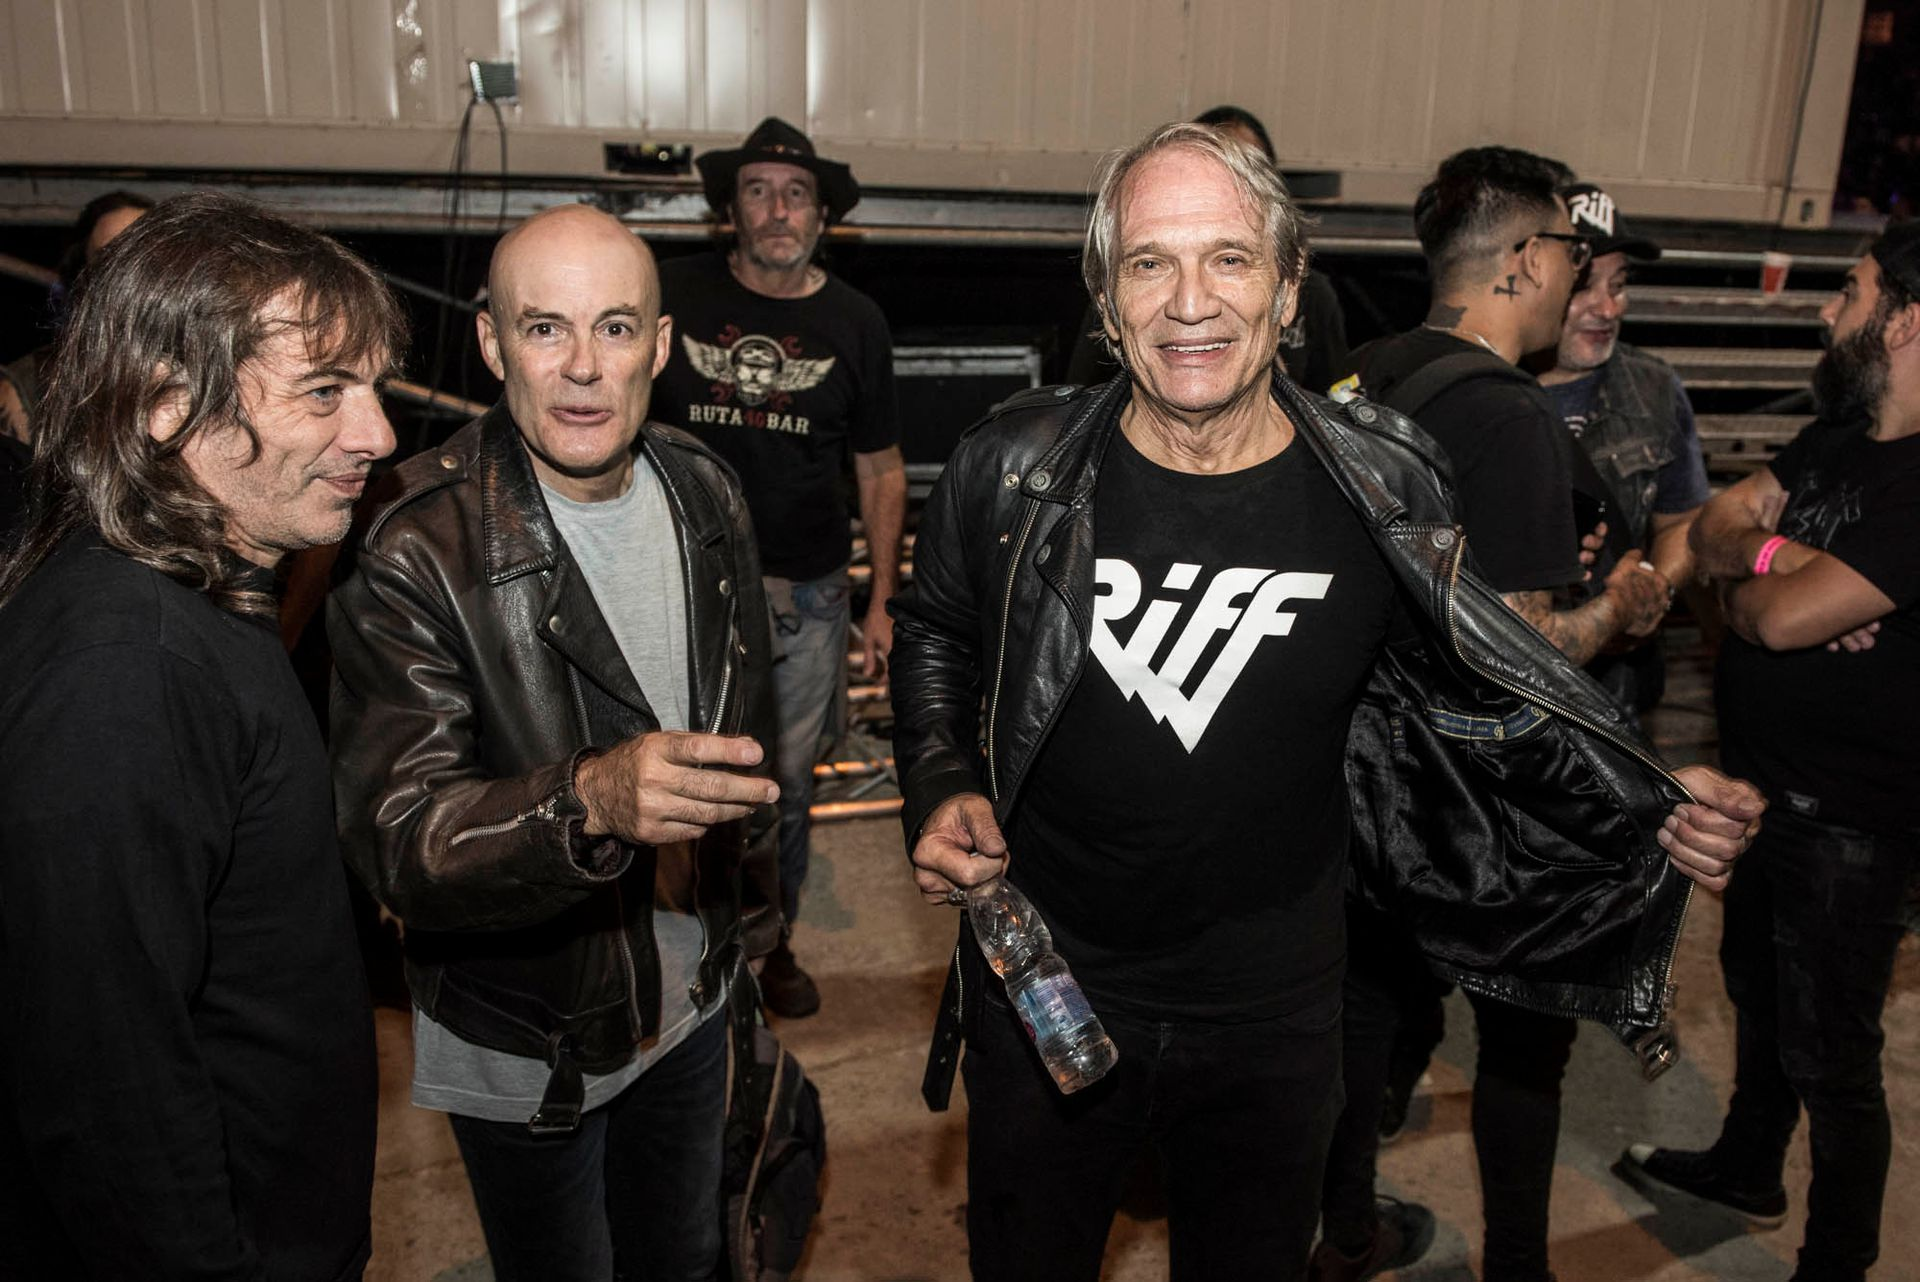 La última formación de Riff: Vitico con Luciano Napolitano y JAF en 2019, en el festival Rock en Baradero